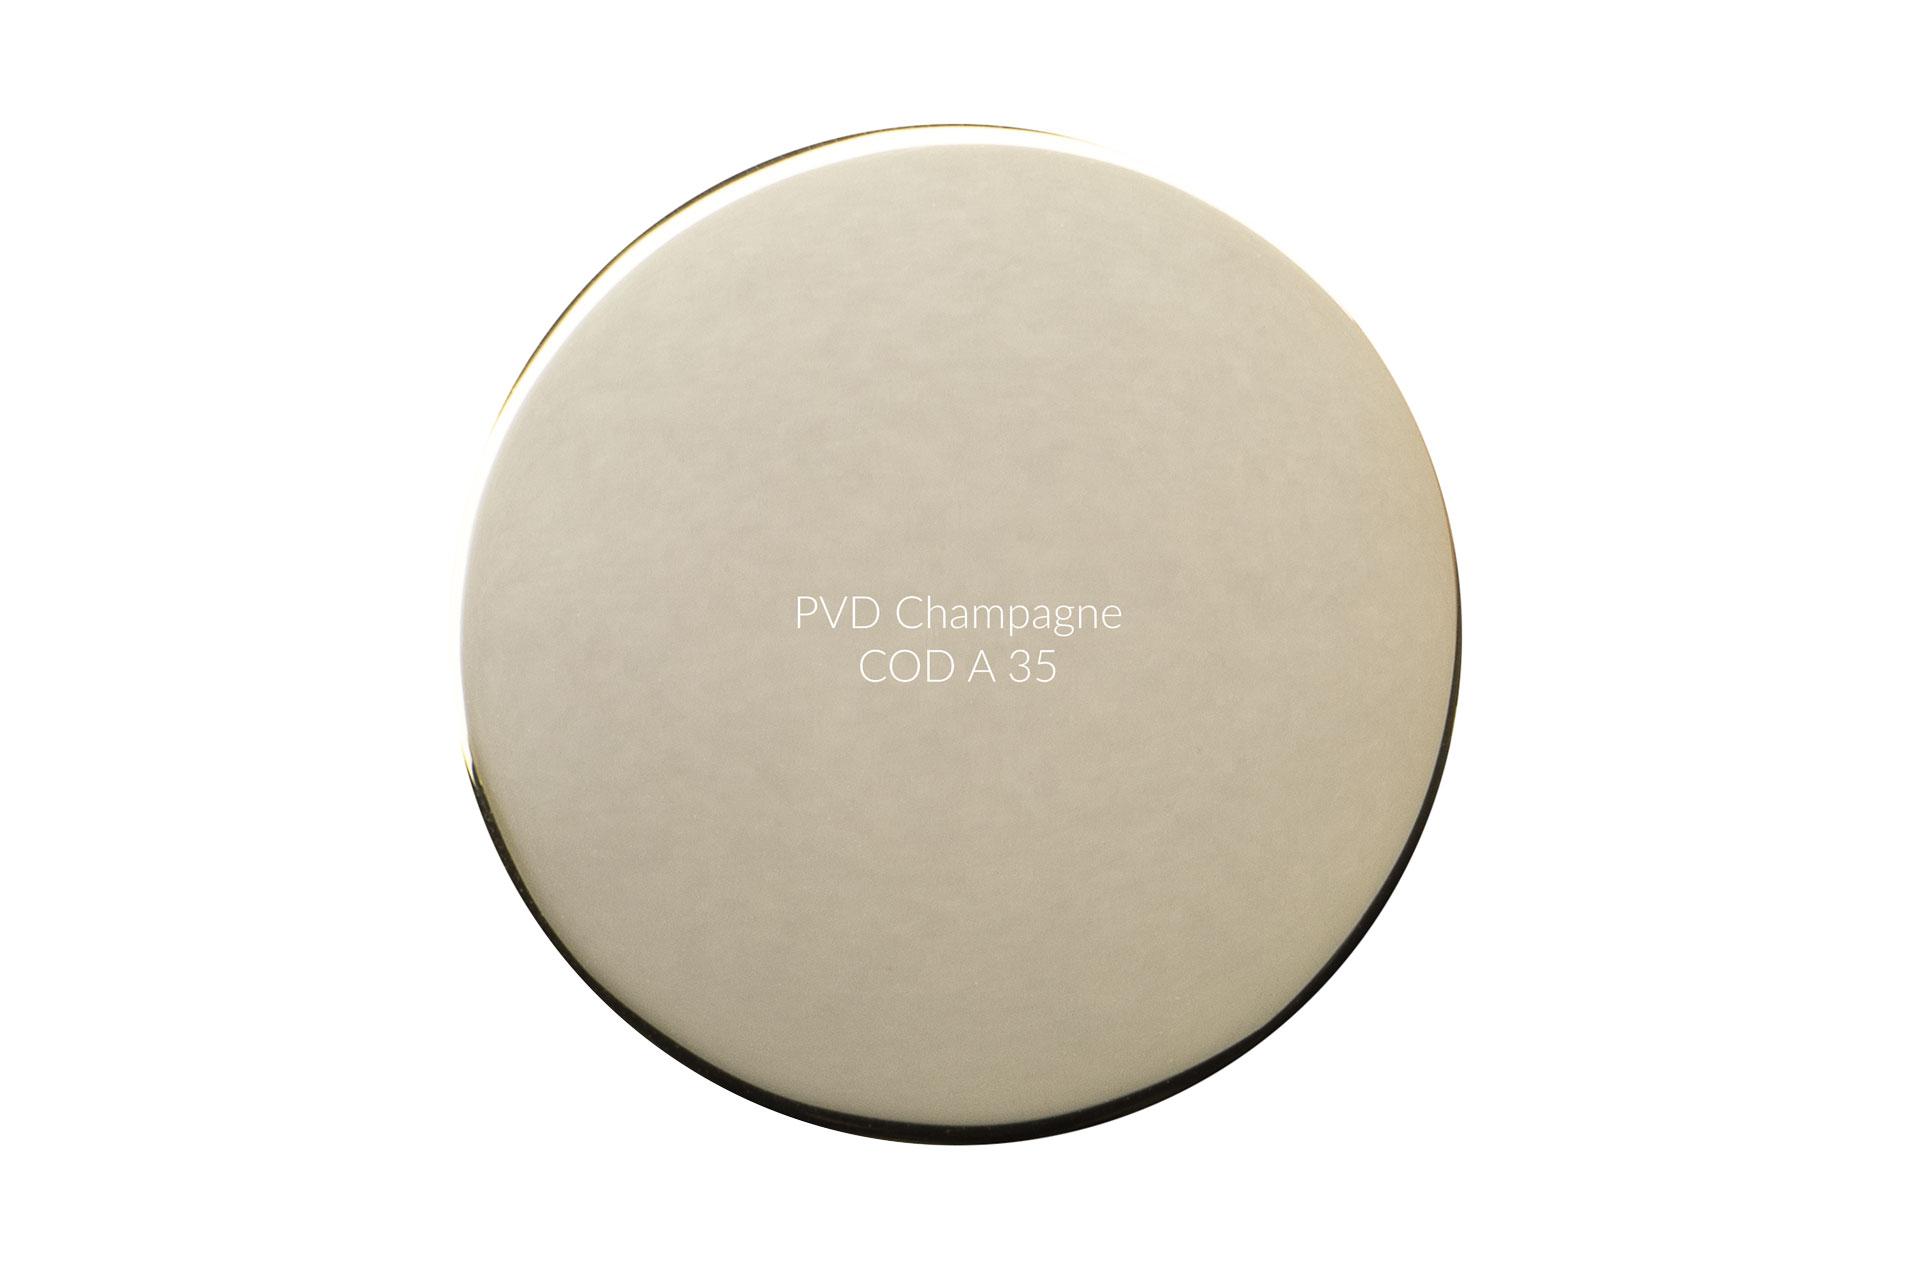 Dischetto PVD champagne cod A 35 lucido